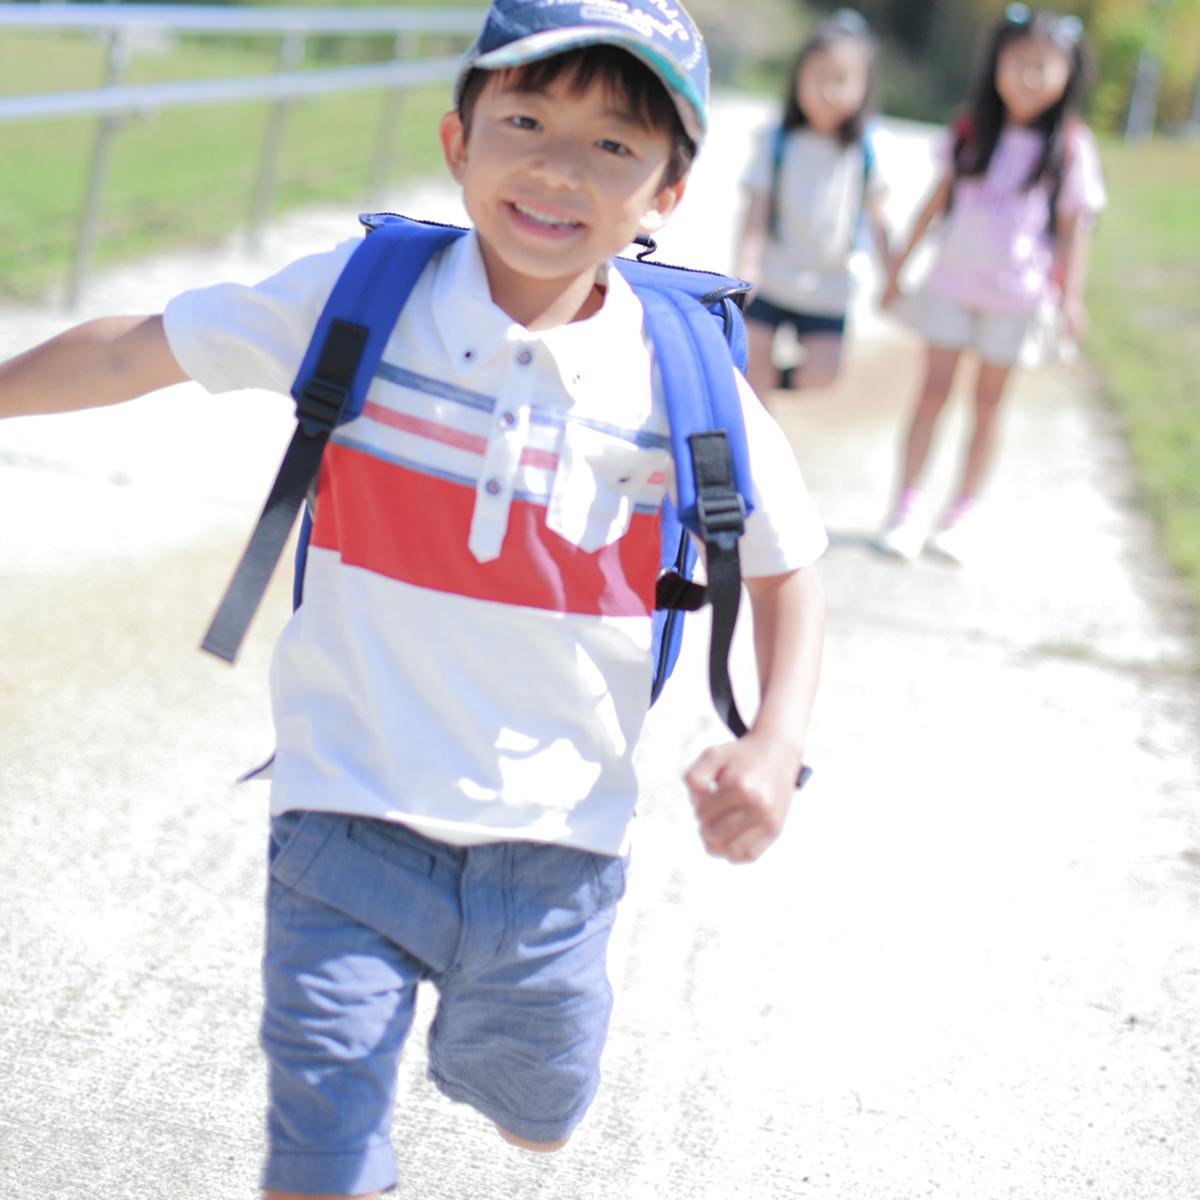 小学生は育ちざかり&わんぱく!だからランドセルにはその相棒として相応しい「強さ・丈夫さ」が求められます